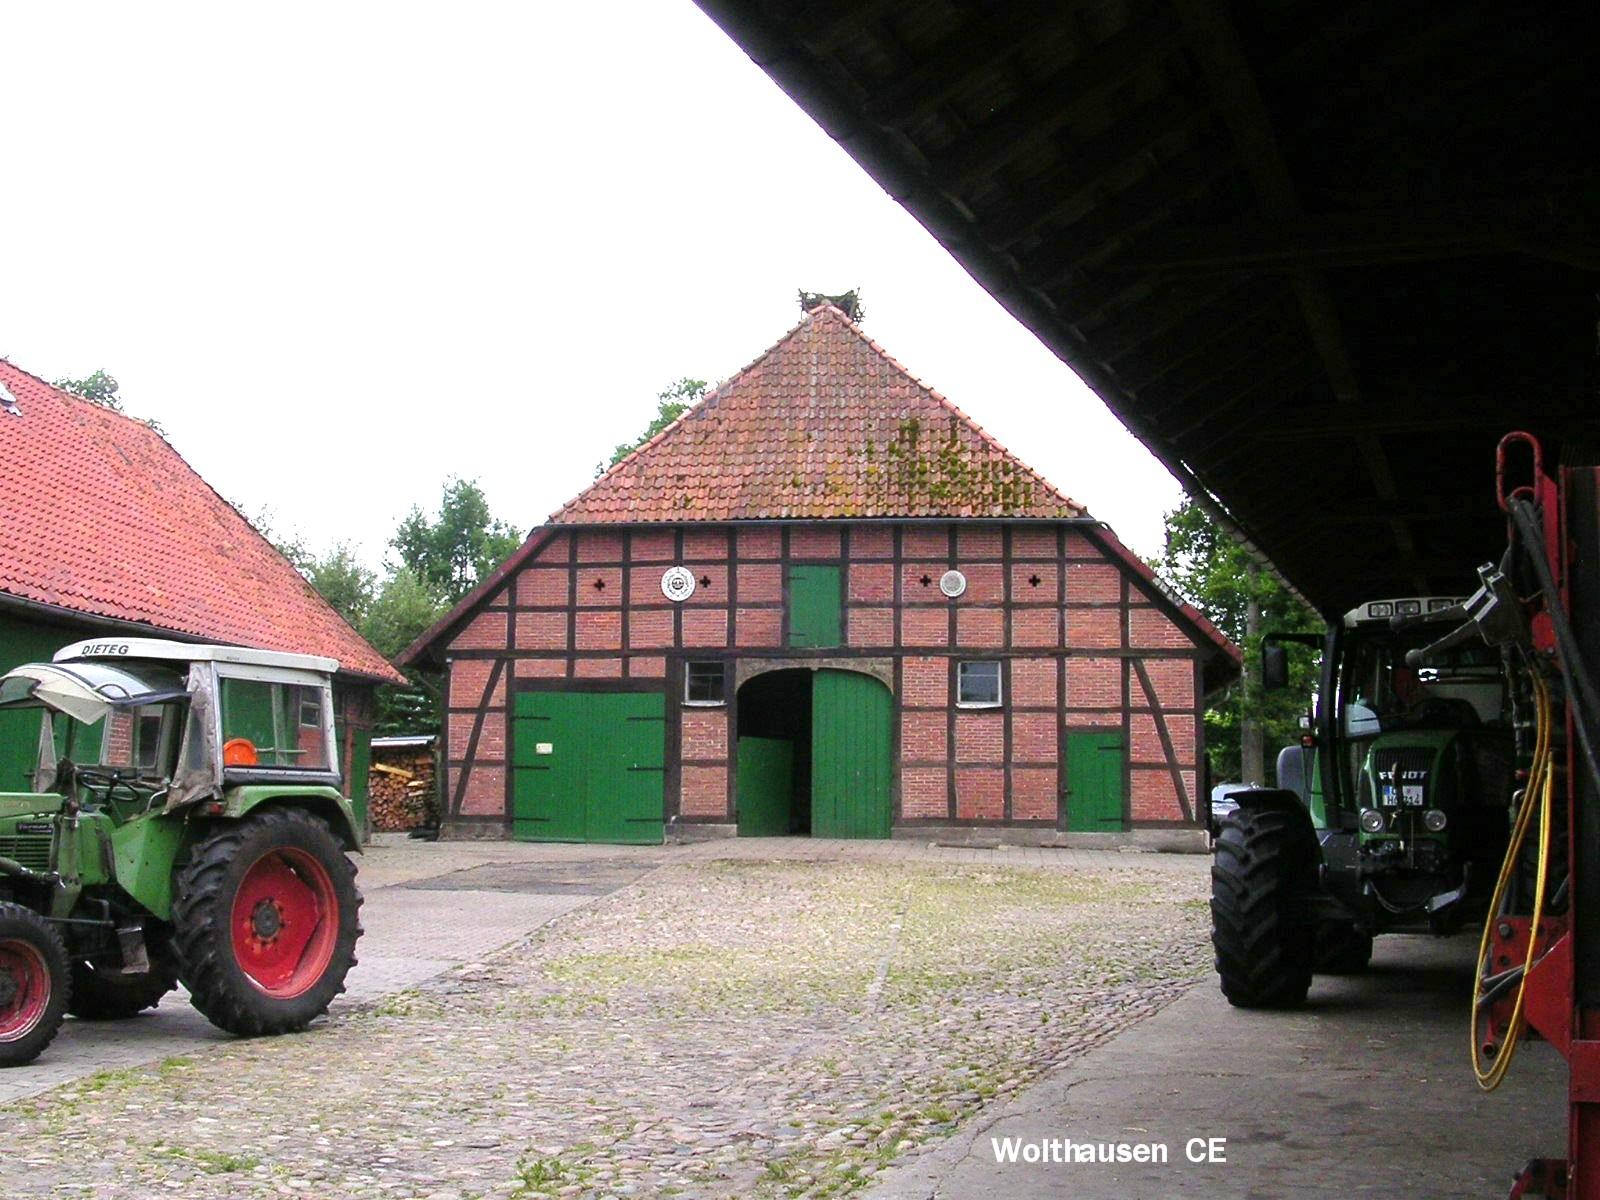 a-wolthausen-ce-bauernhof